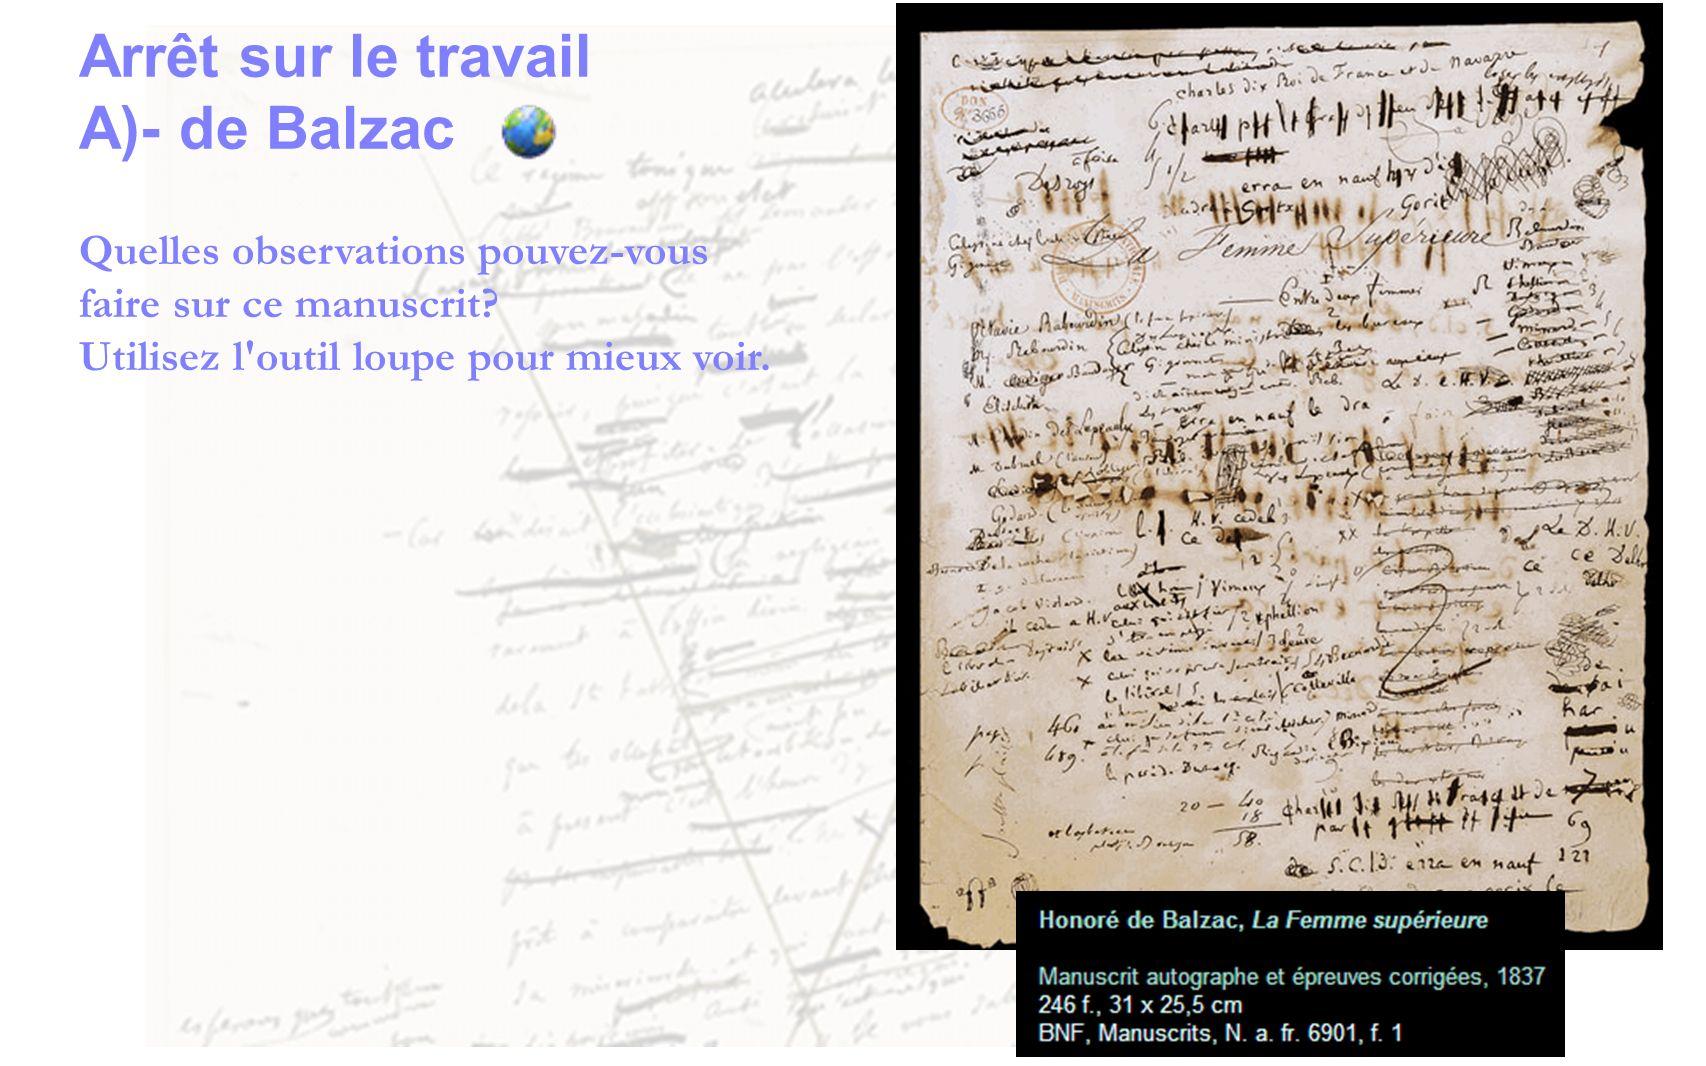 Arrêt sur le travail A)- de Balzac Quelles observations pouvez-vous faire sur ce manuscrit? Utilisez l'outil loupe pour mieux voir.